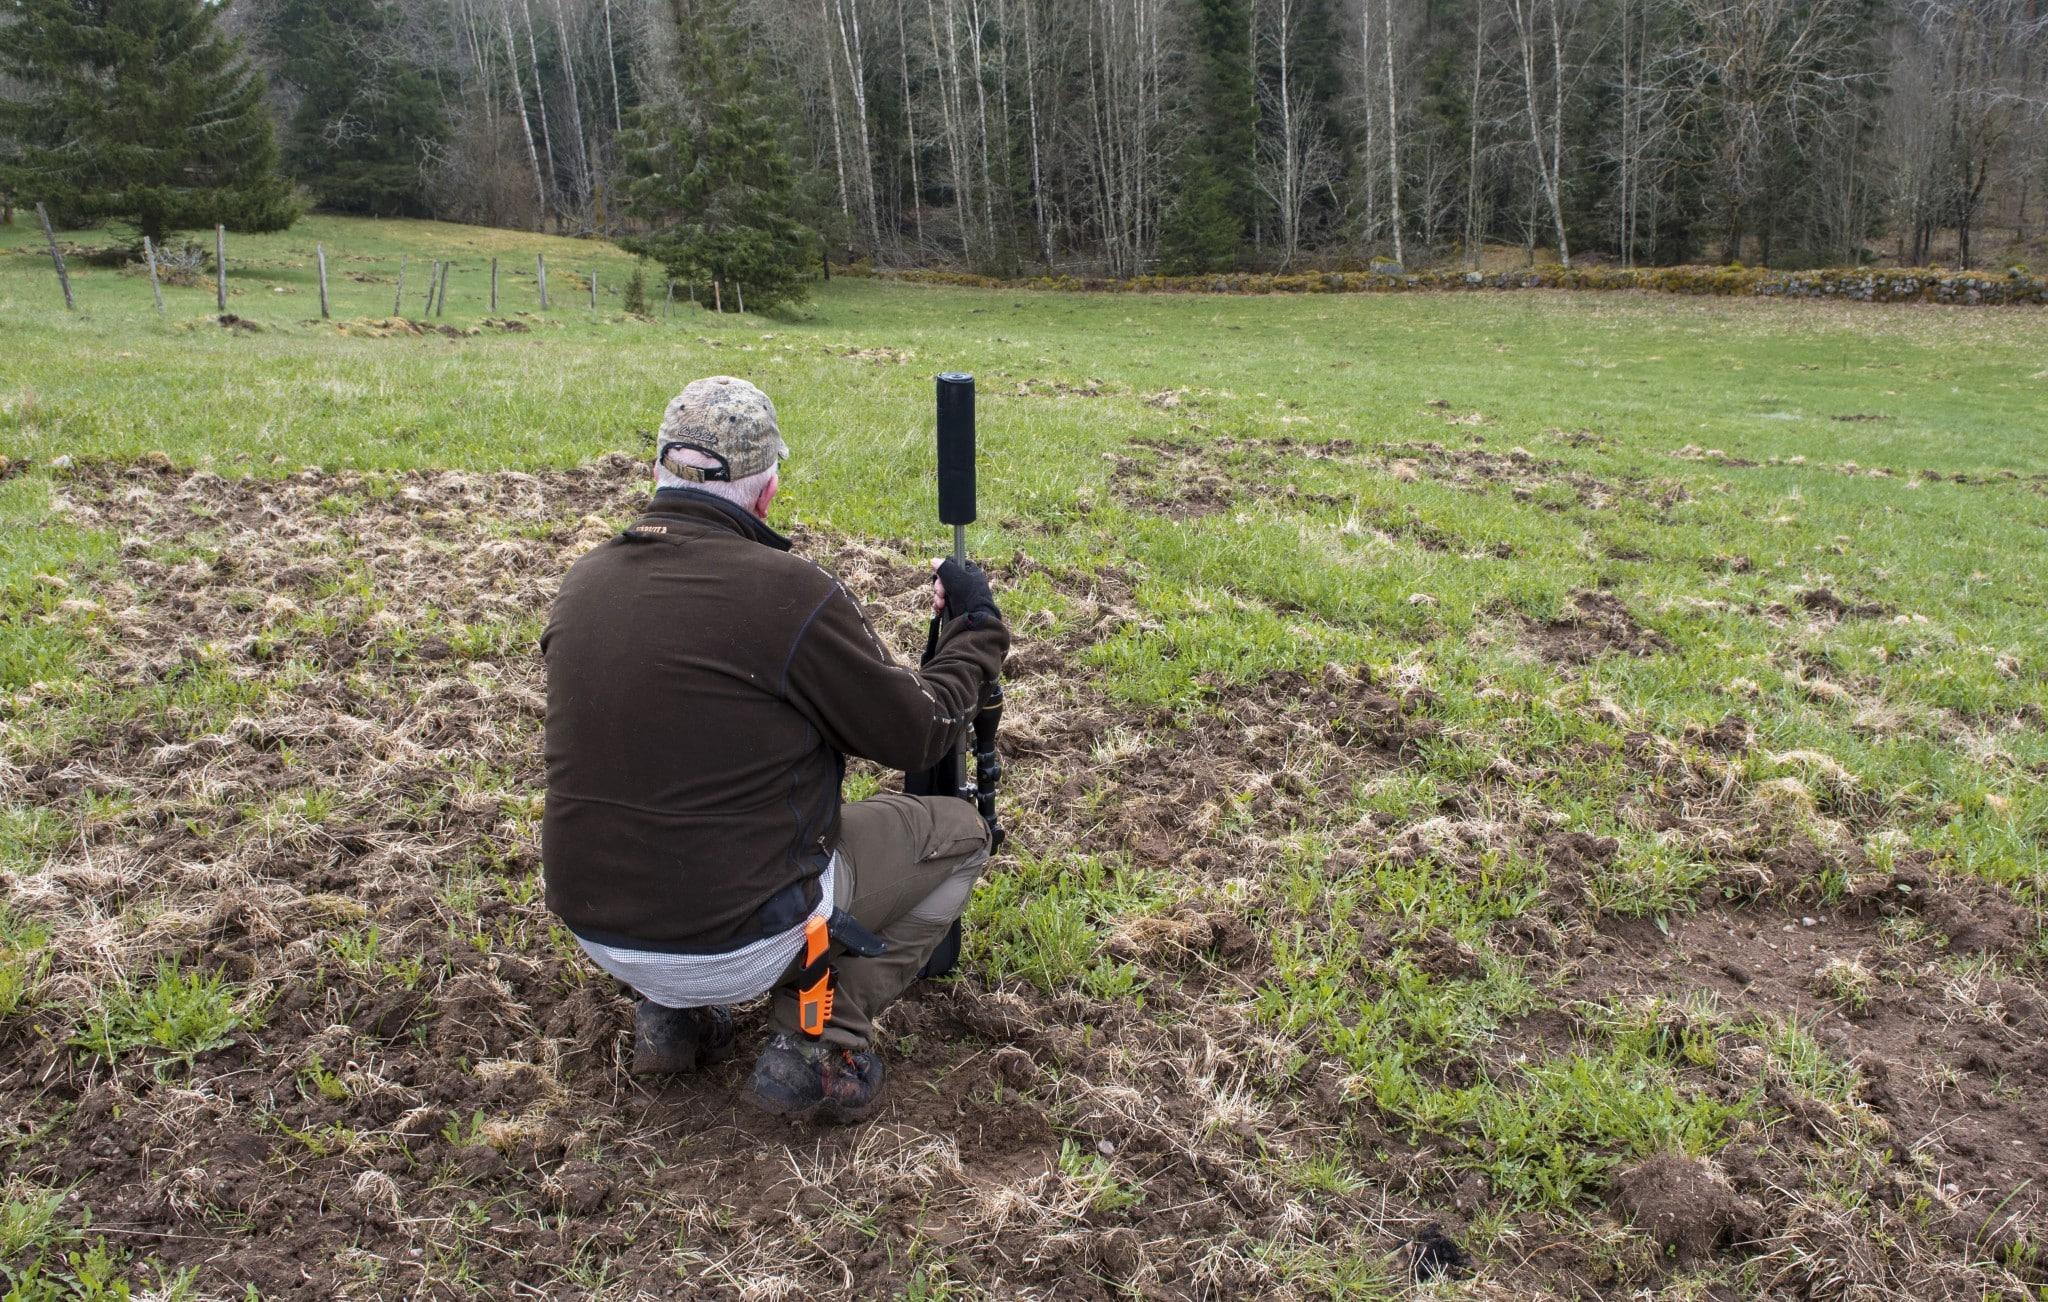 Utan jakt skulle vildsvinsskadorna öka på odlad mark. 3. Älgstammen skulle fördubblas på tre år utan jakt. Foto: Mari Ermeland